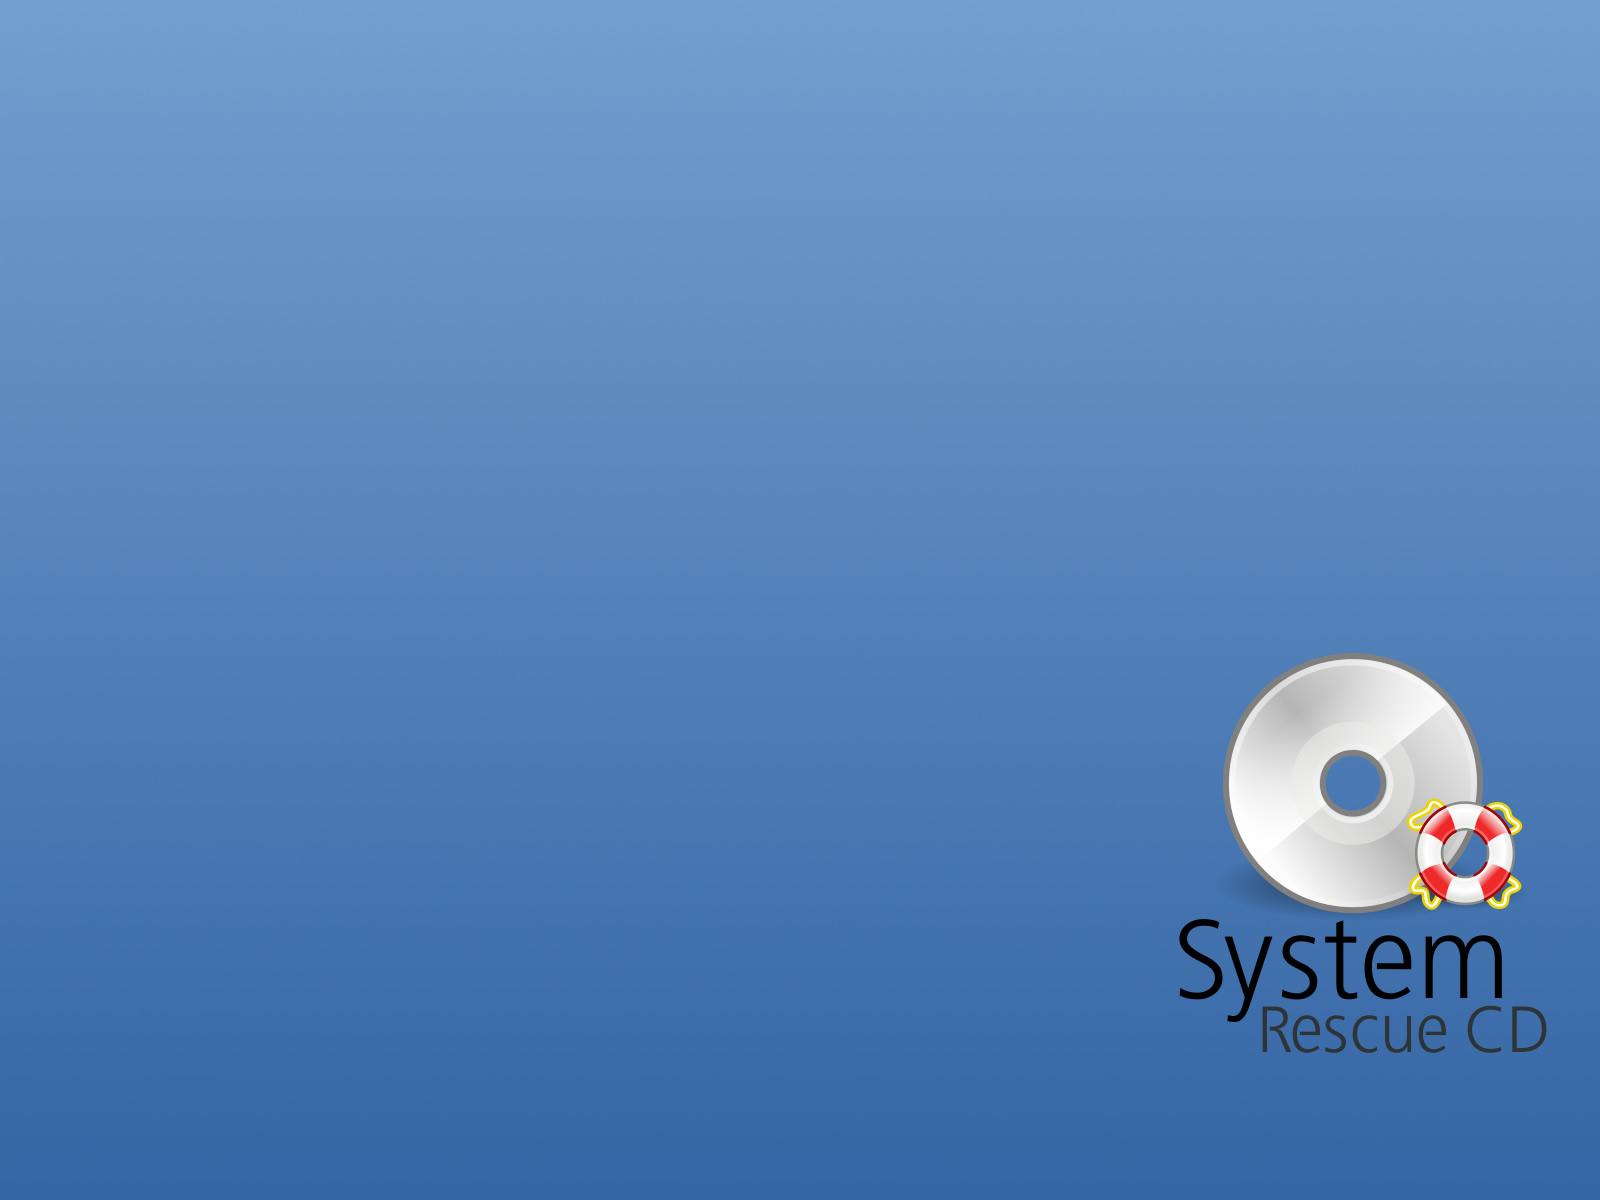 Gracias por todo System Rescue CD...